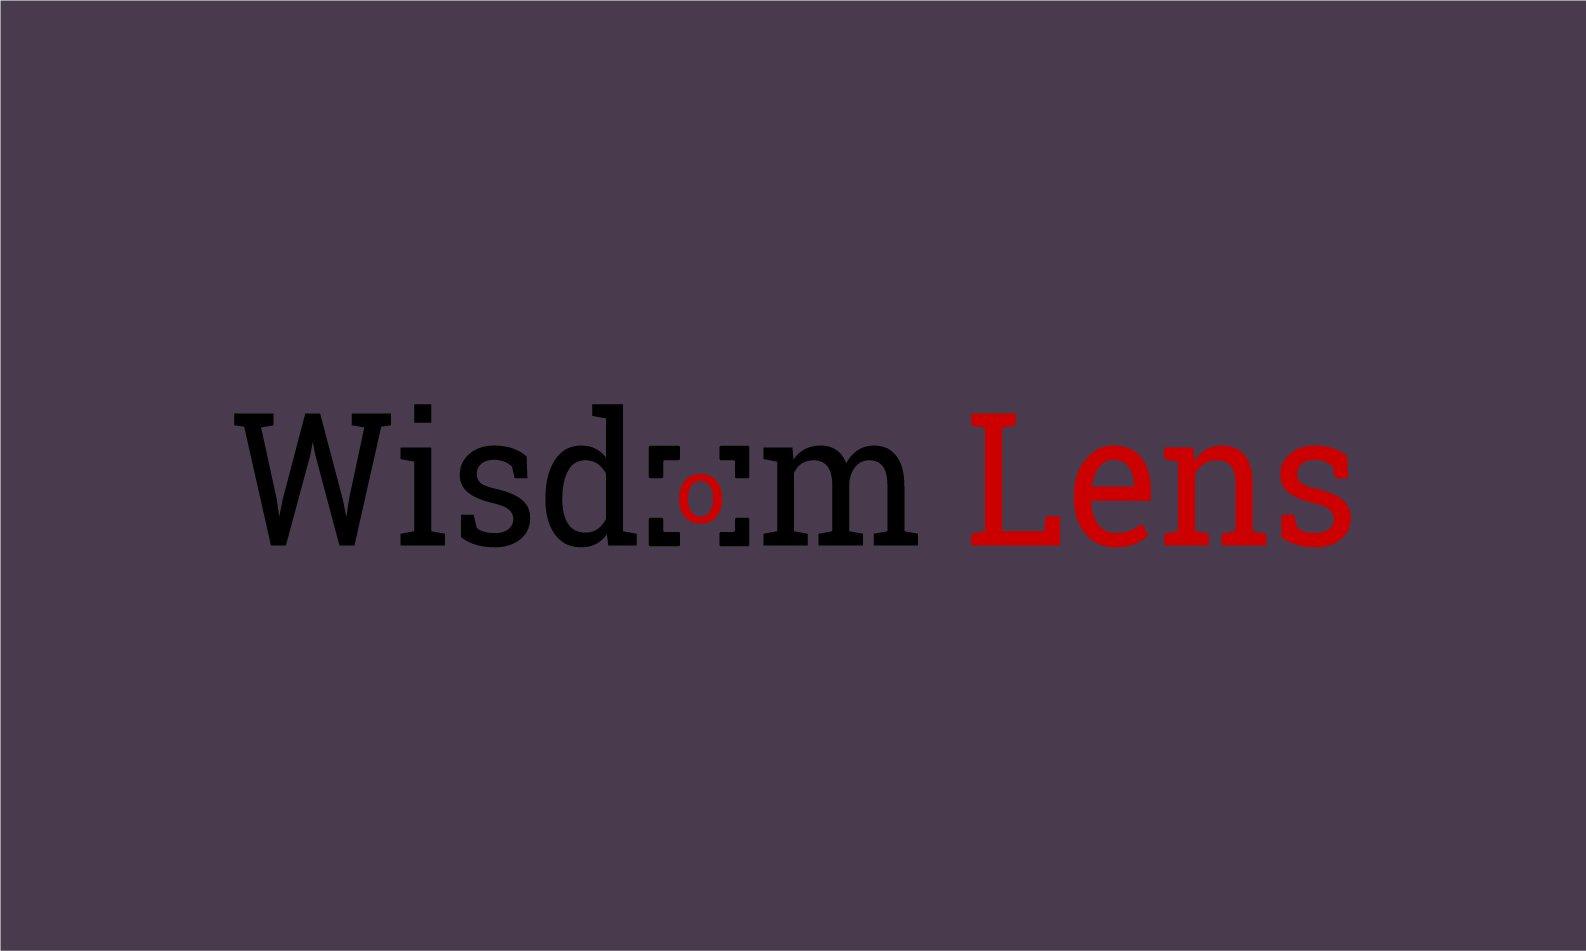 WisdomLens.com